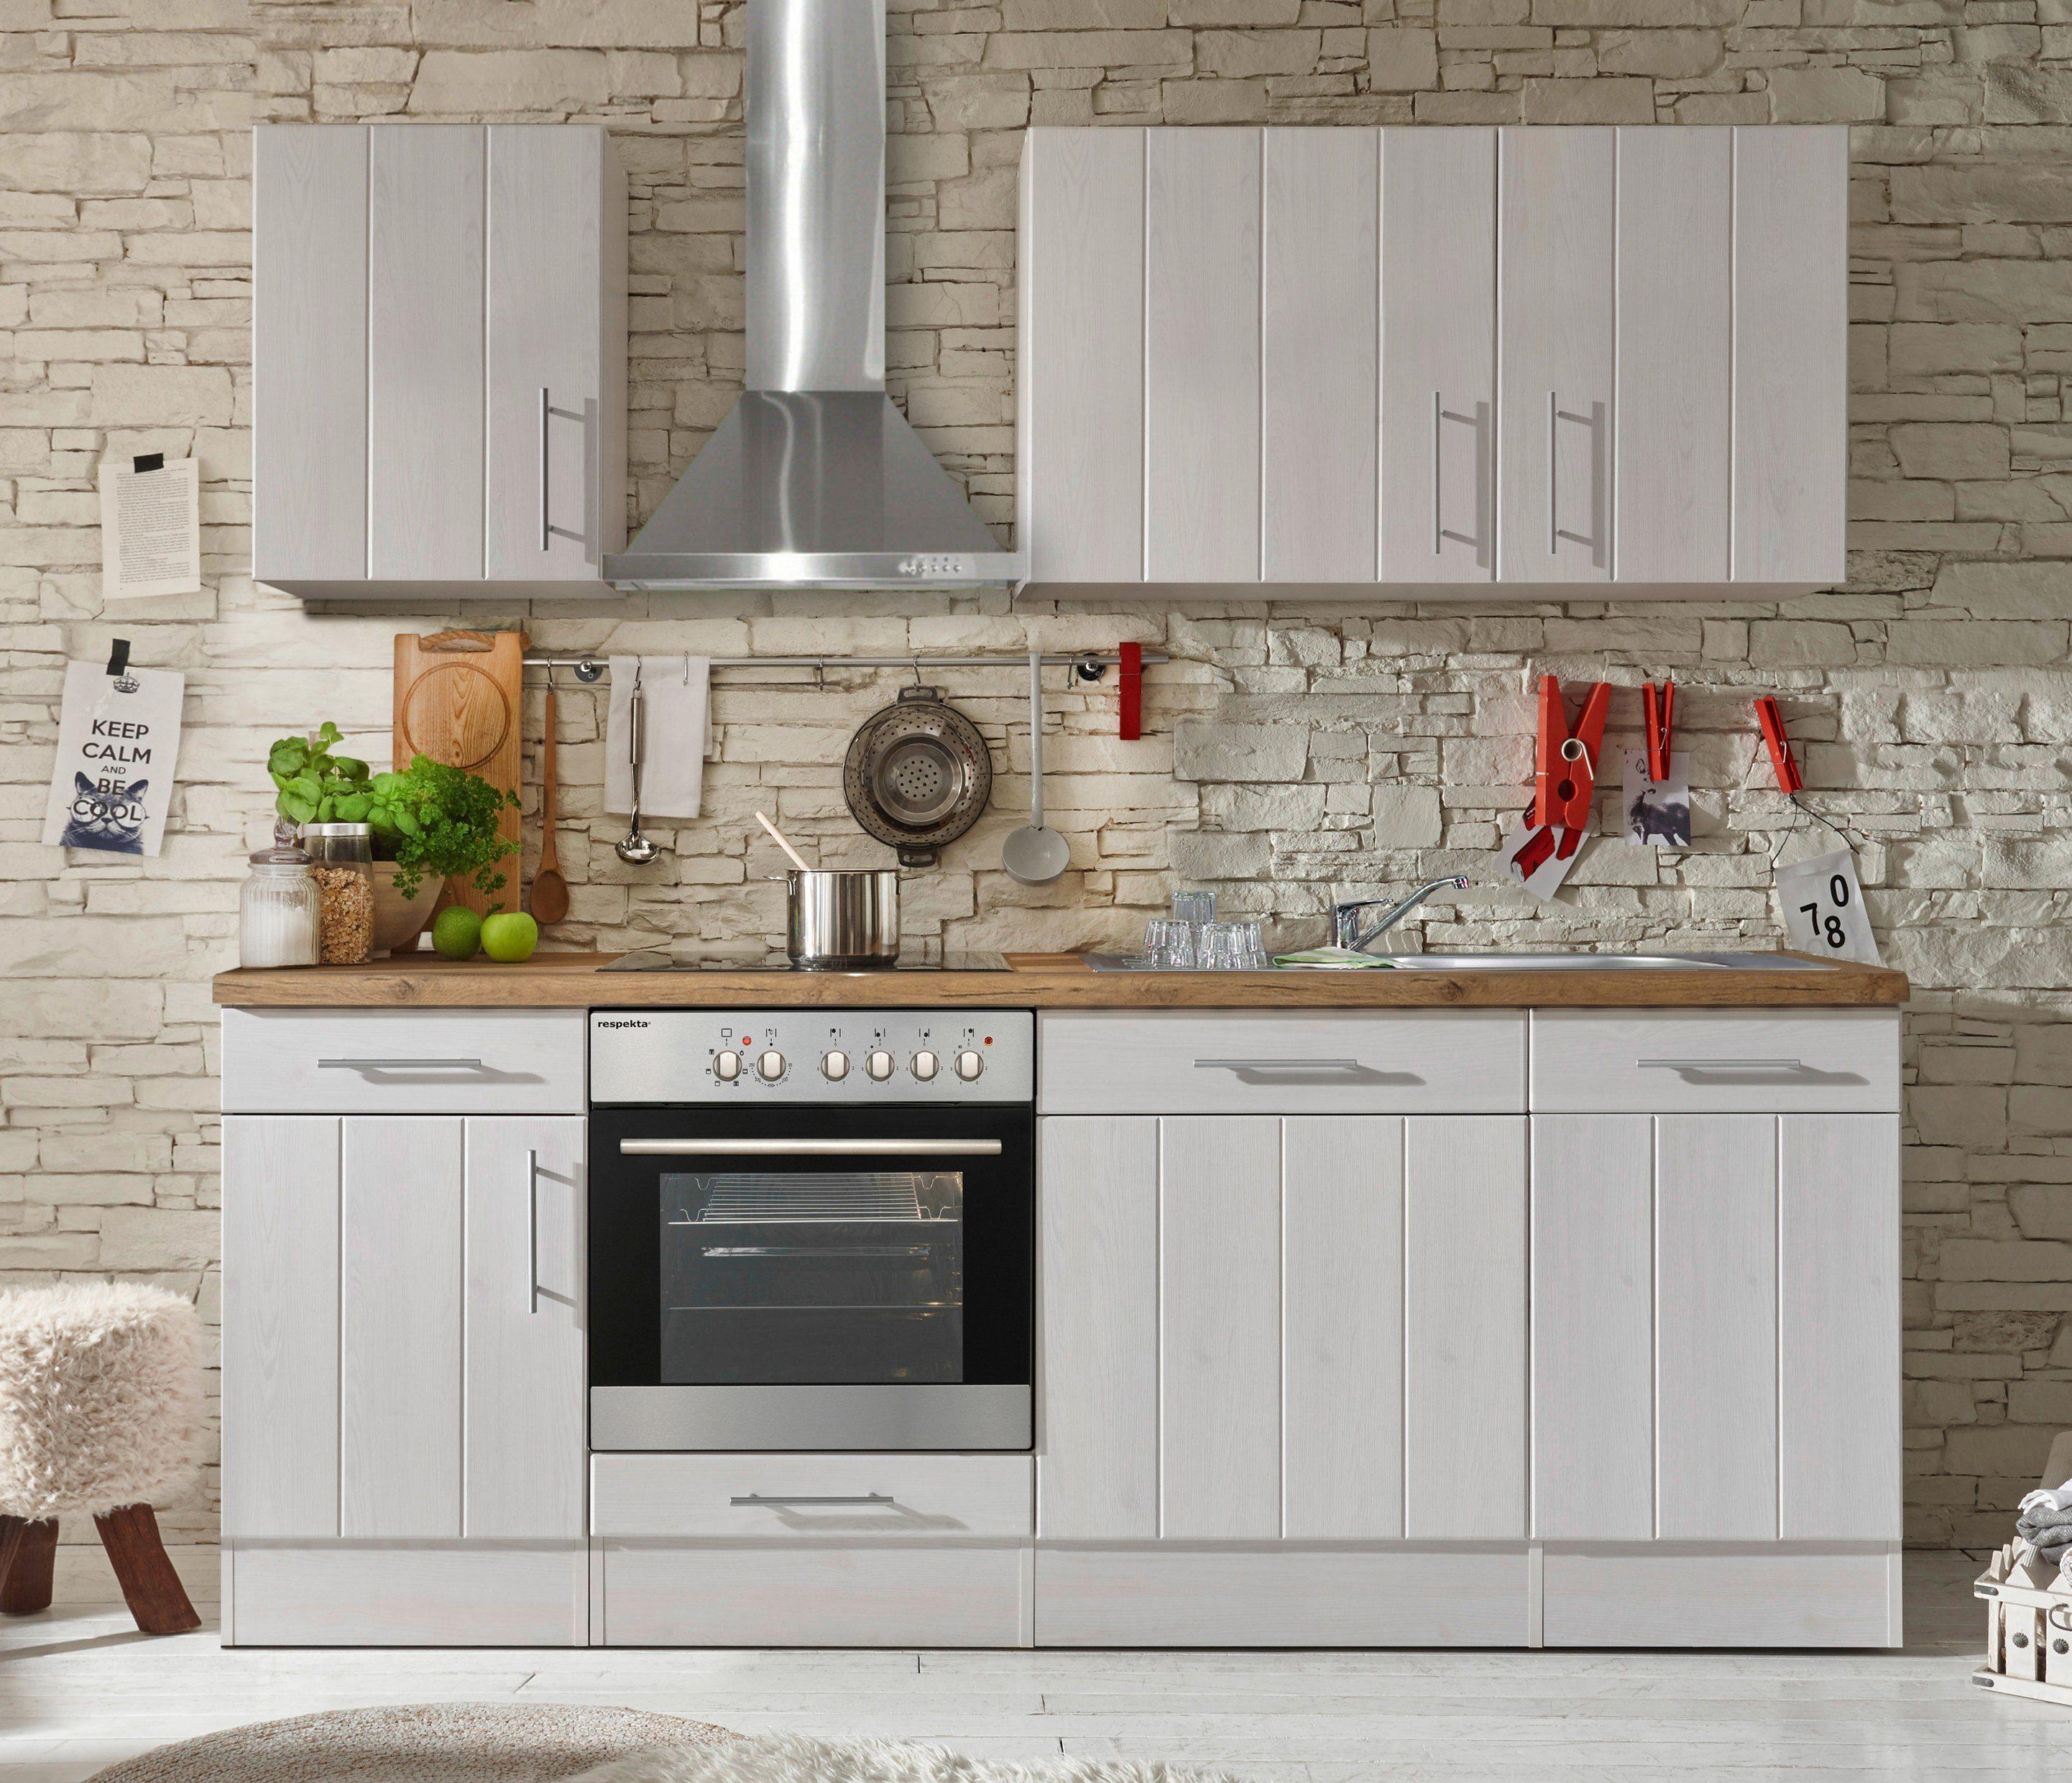 ulme Küchenzeilen online kaufen  Möbel-Suchmaschine  ladendirekt.de